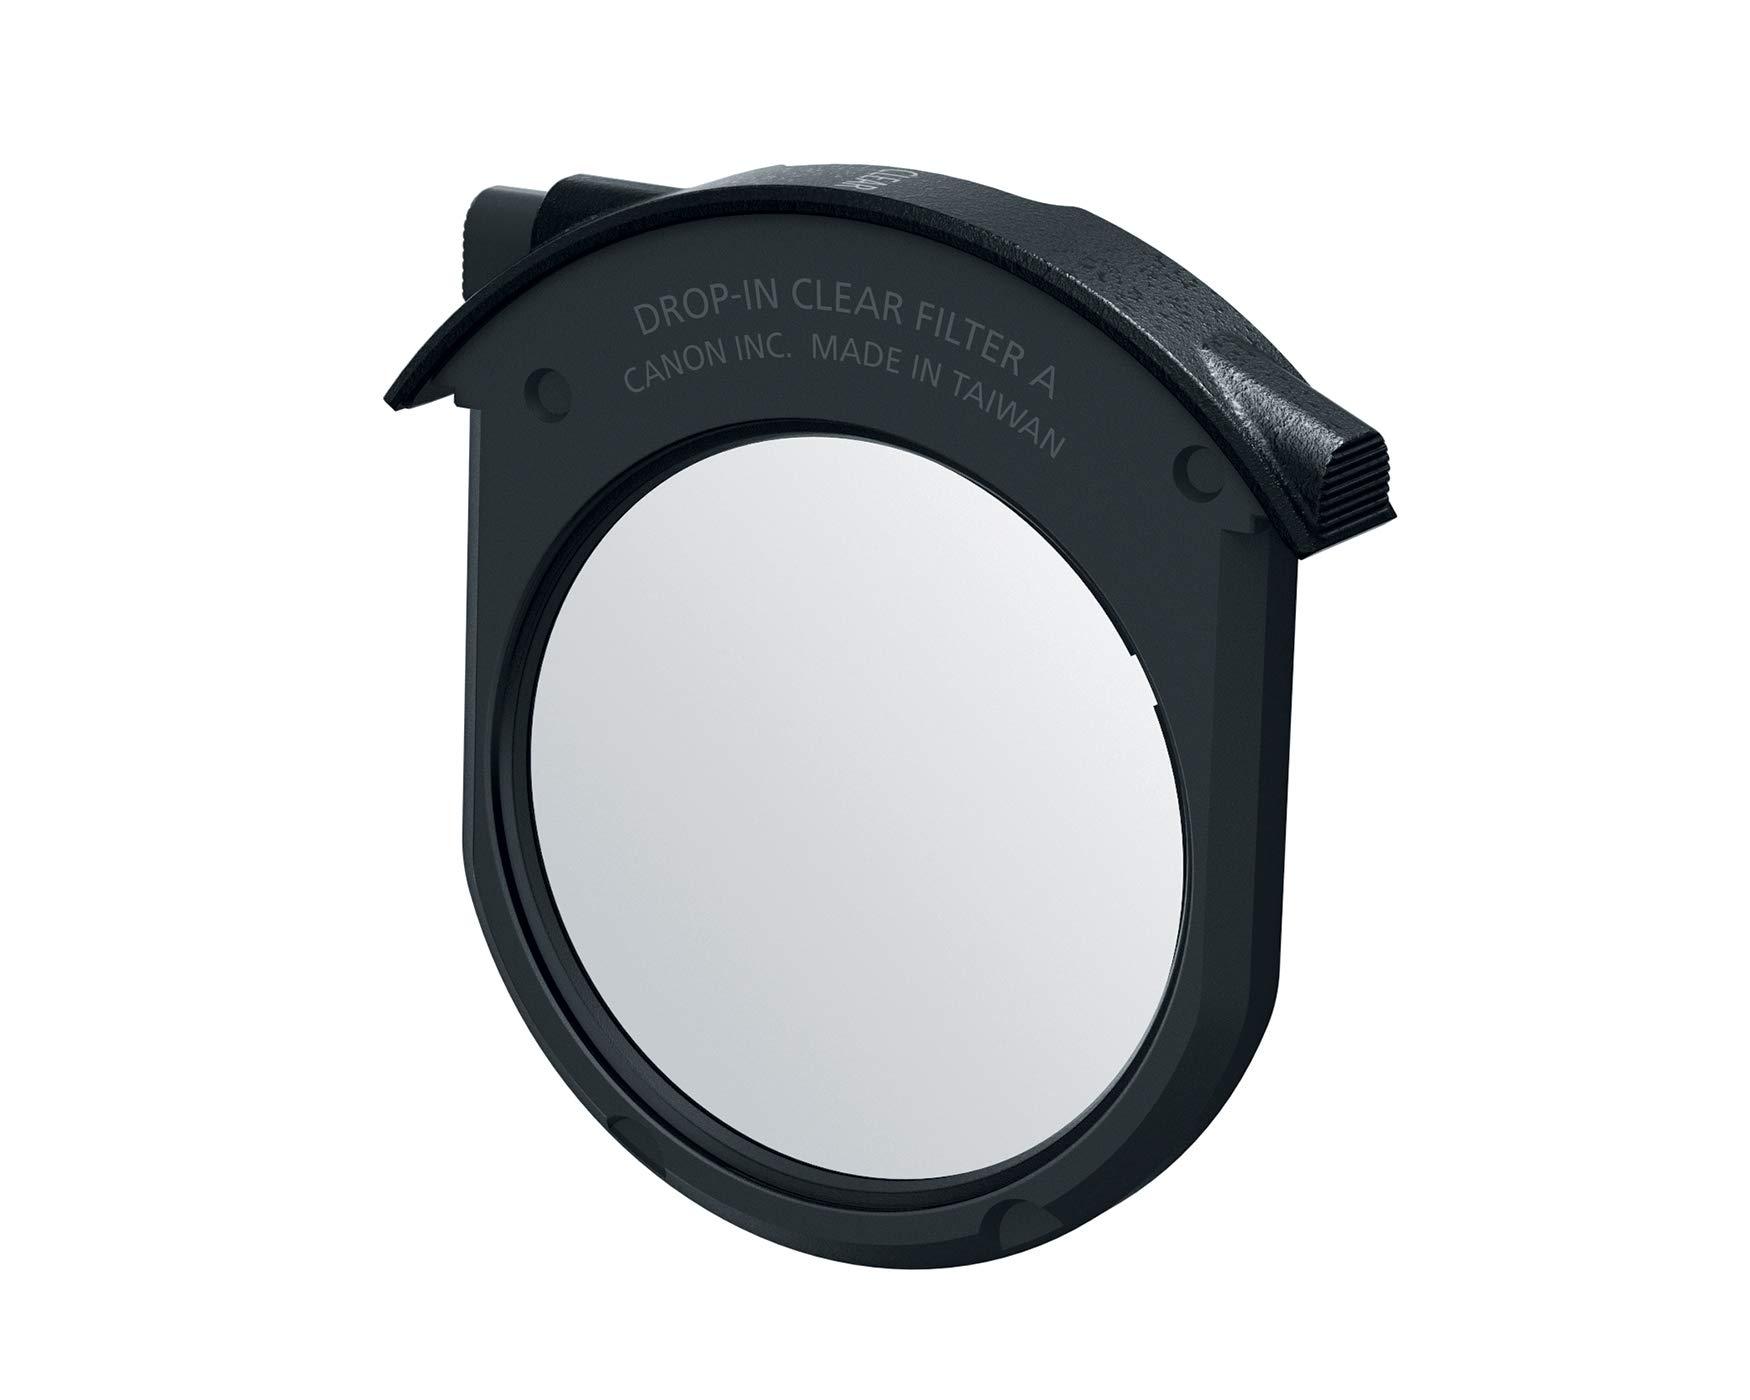 Canon Drop-In Circular Polarizing Filter A by Canon